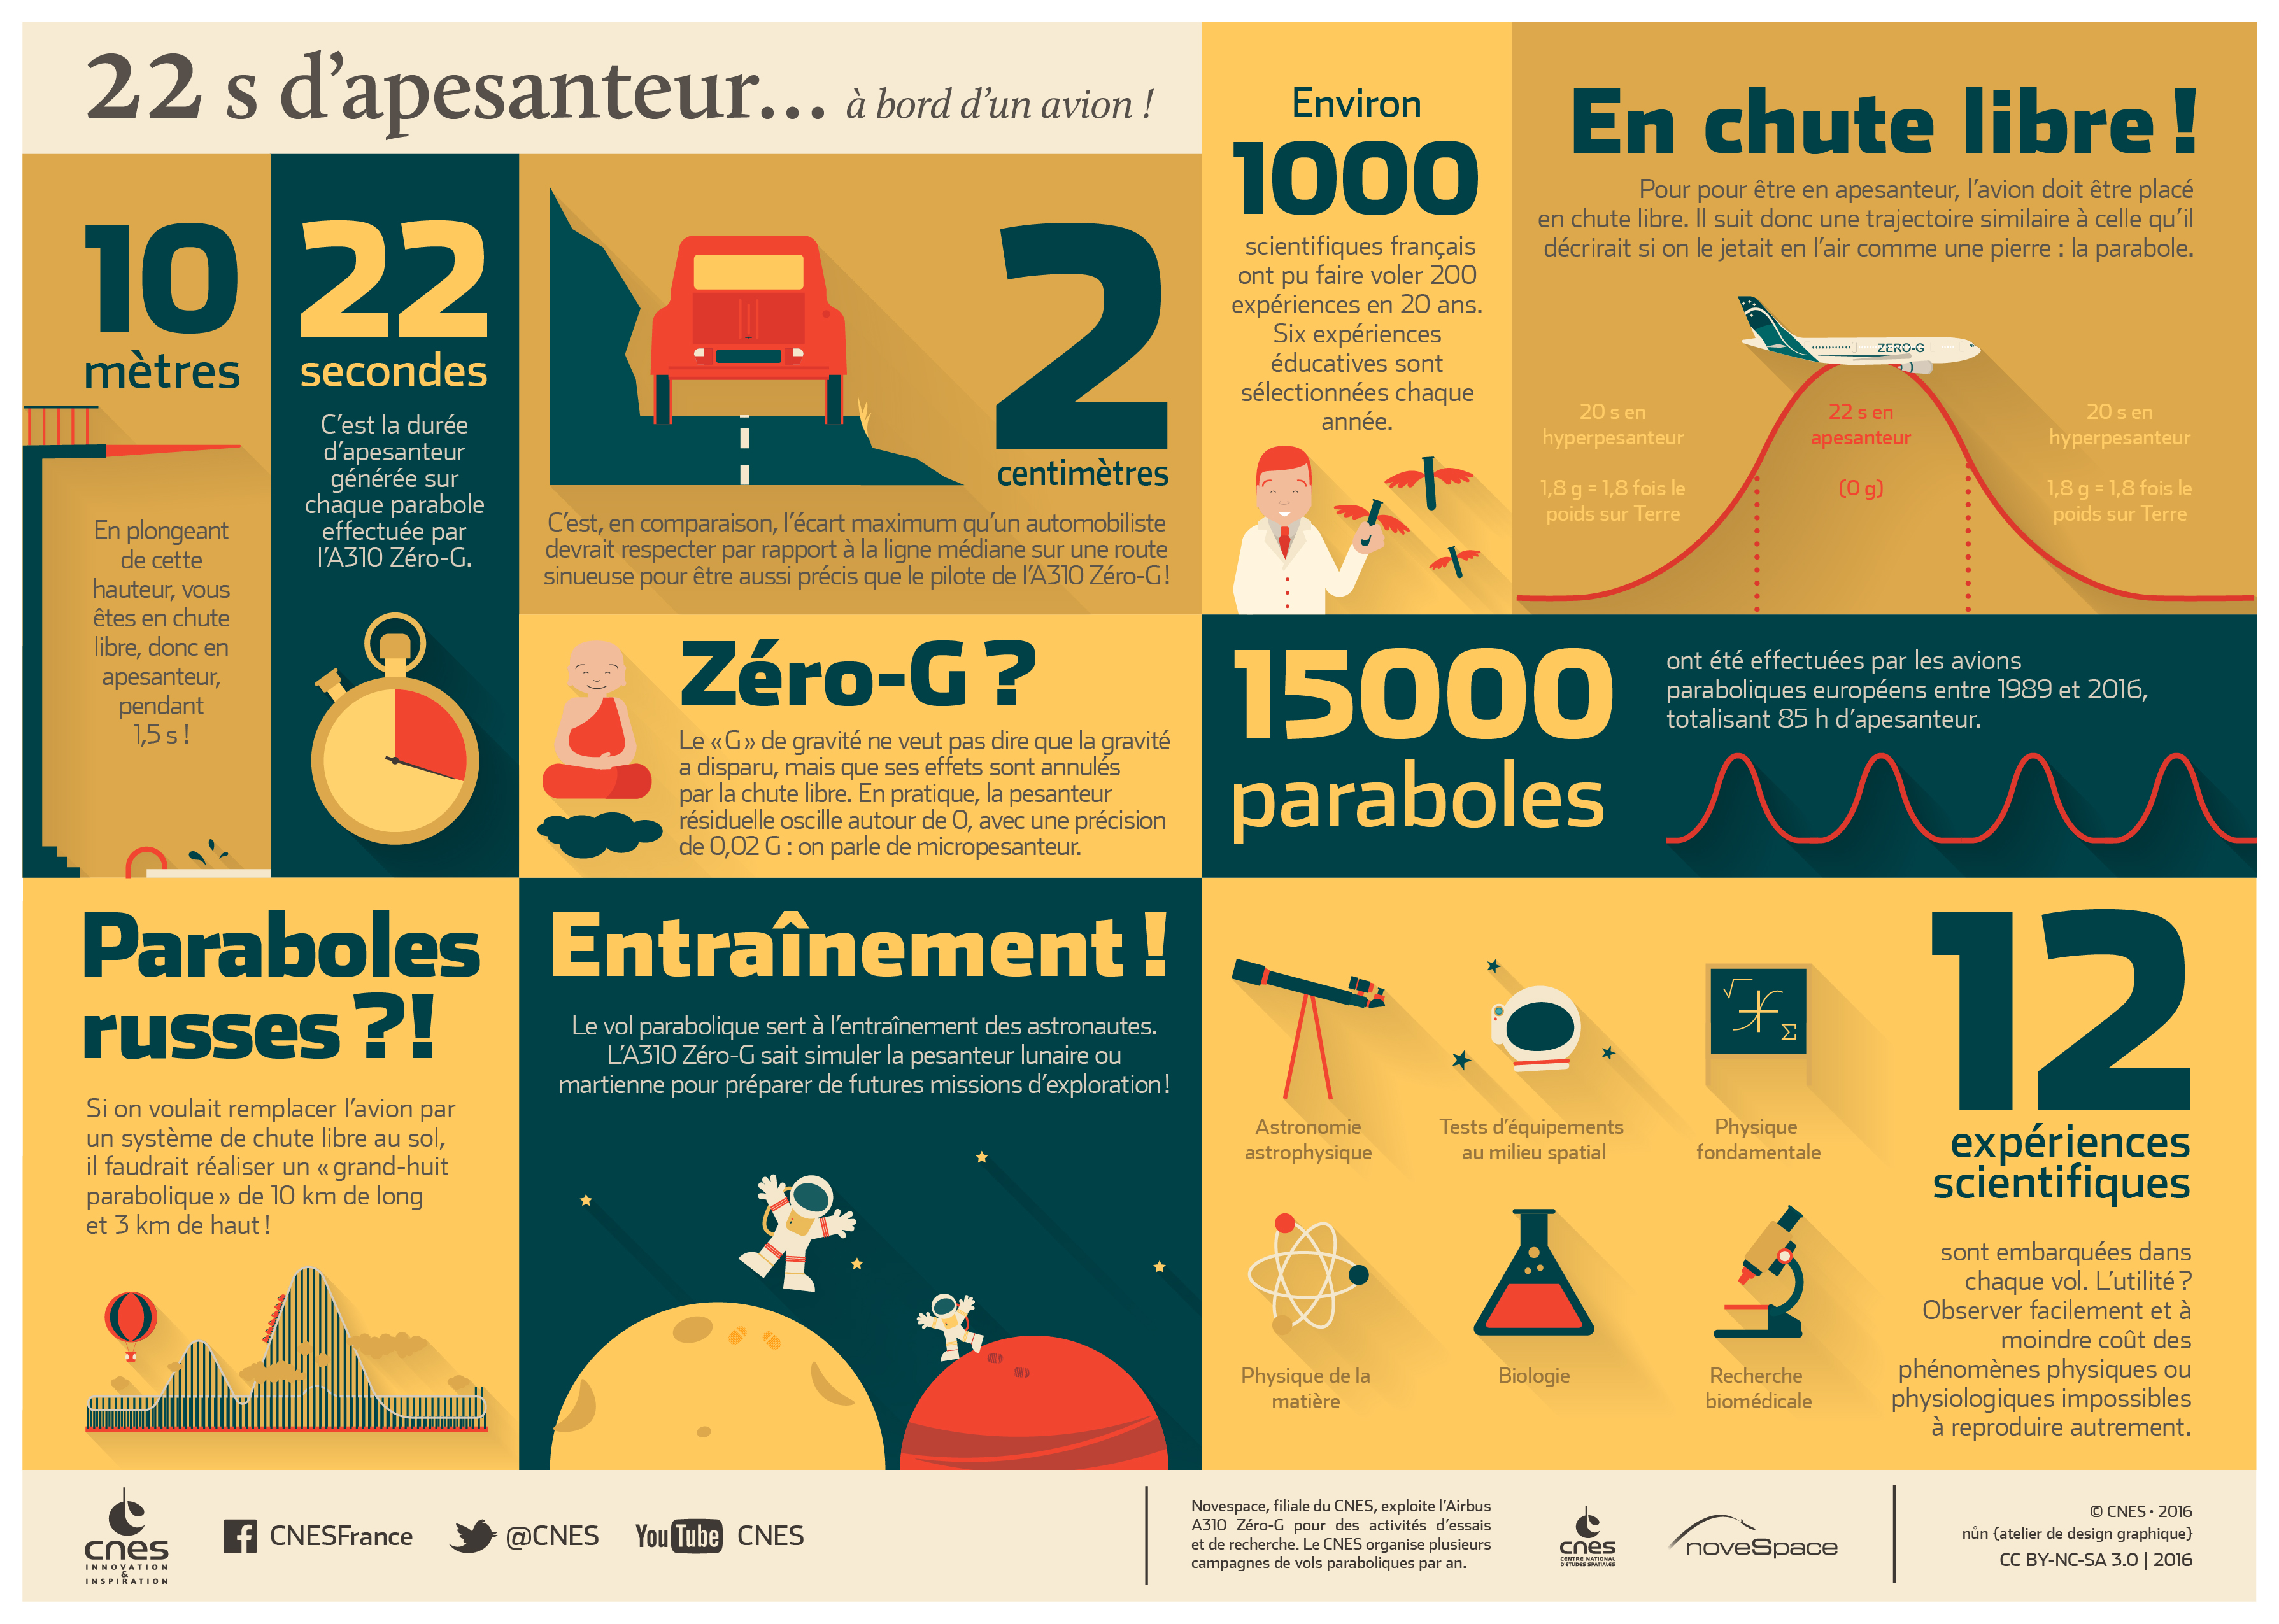 prx_infographie-vols-paraboliques_fr.jpg